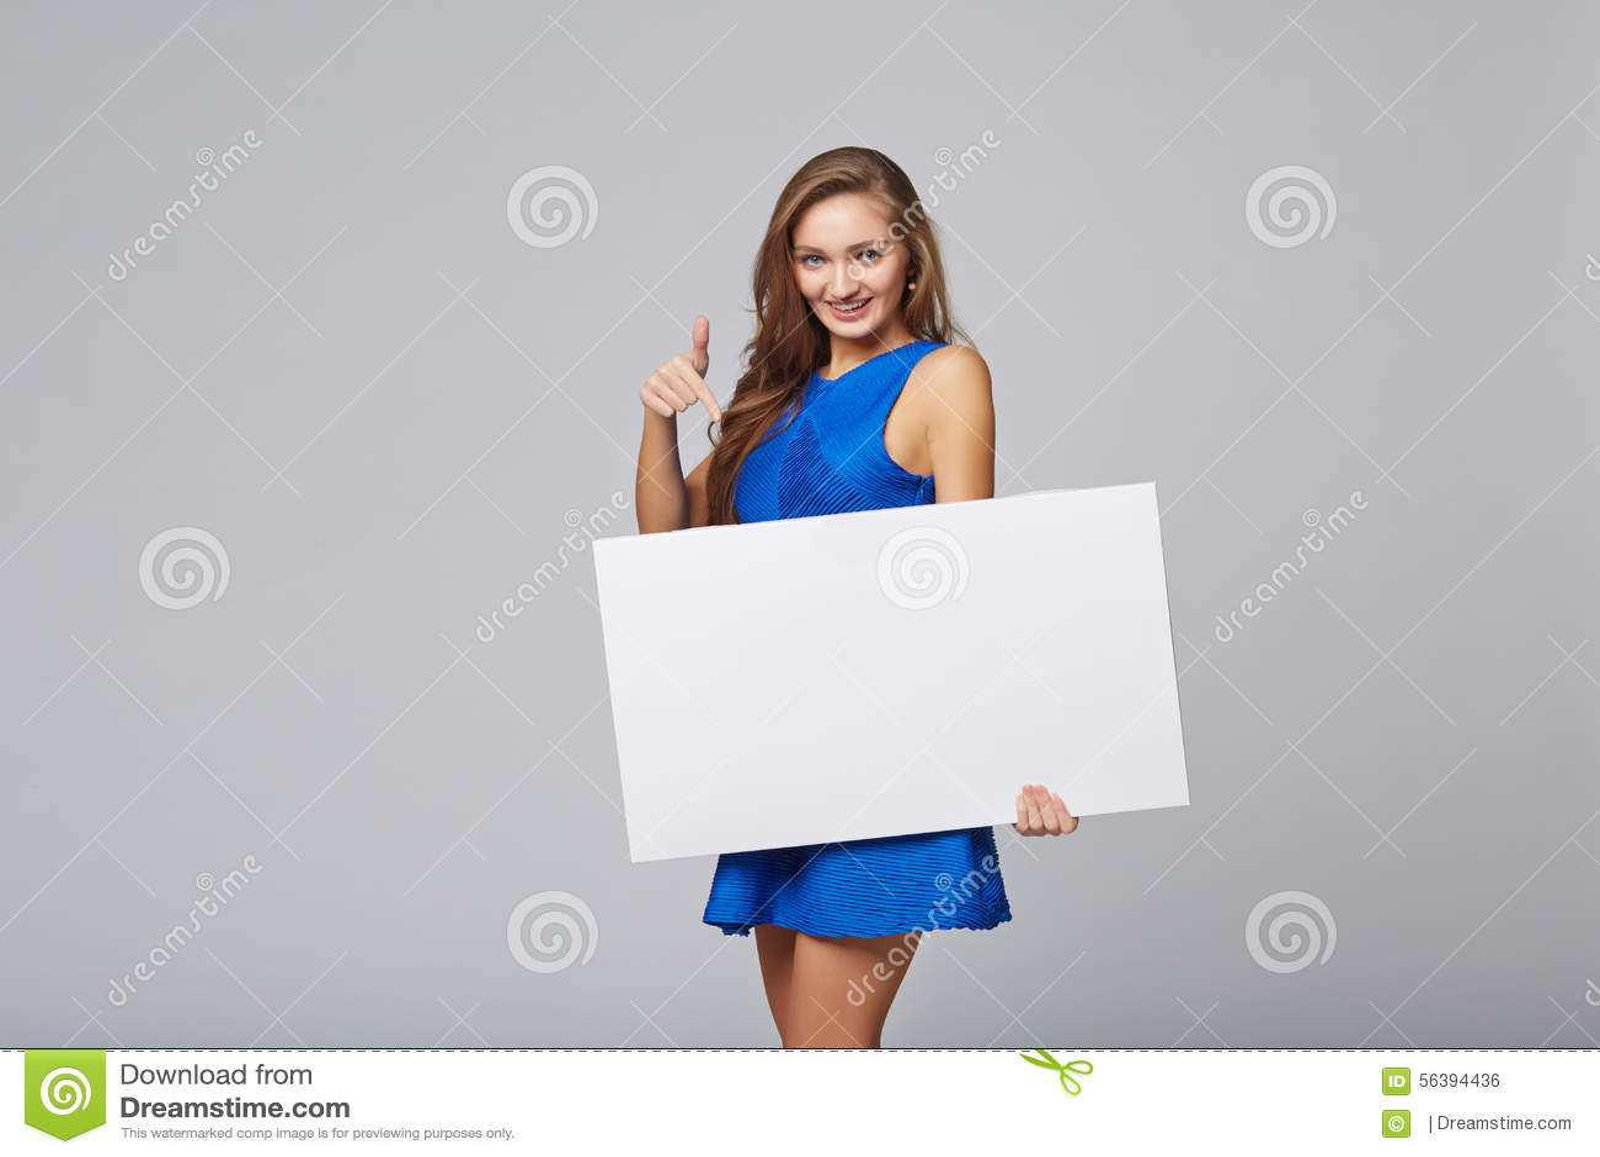 Volledige lengte die van mooie vrouw, witte bl houden zich erachter bevinden